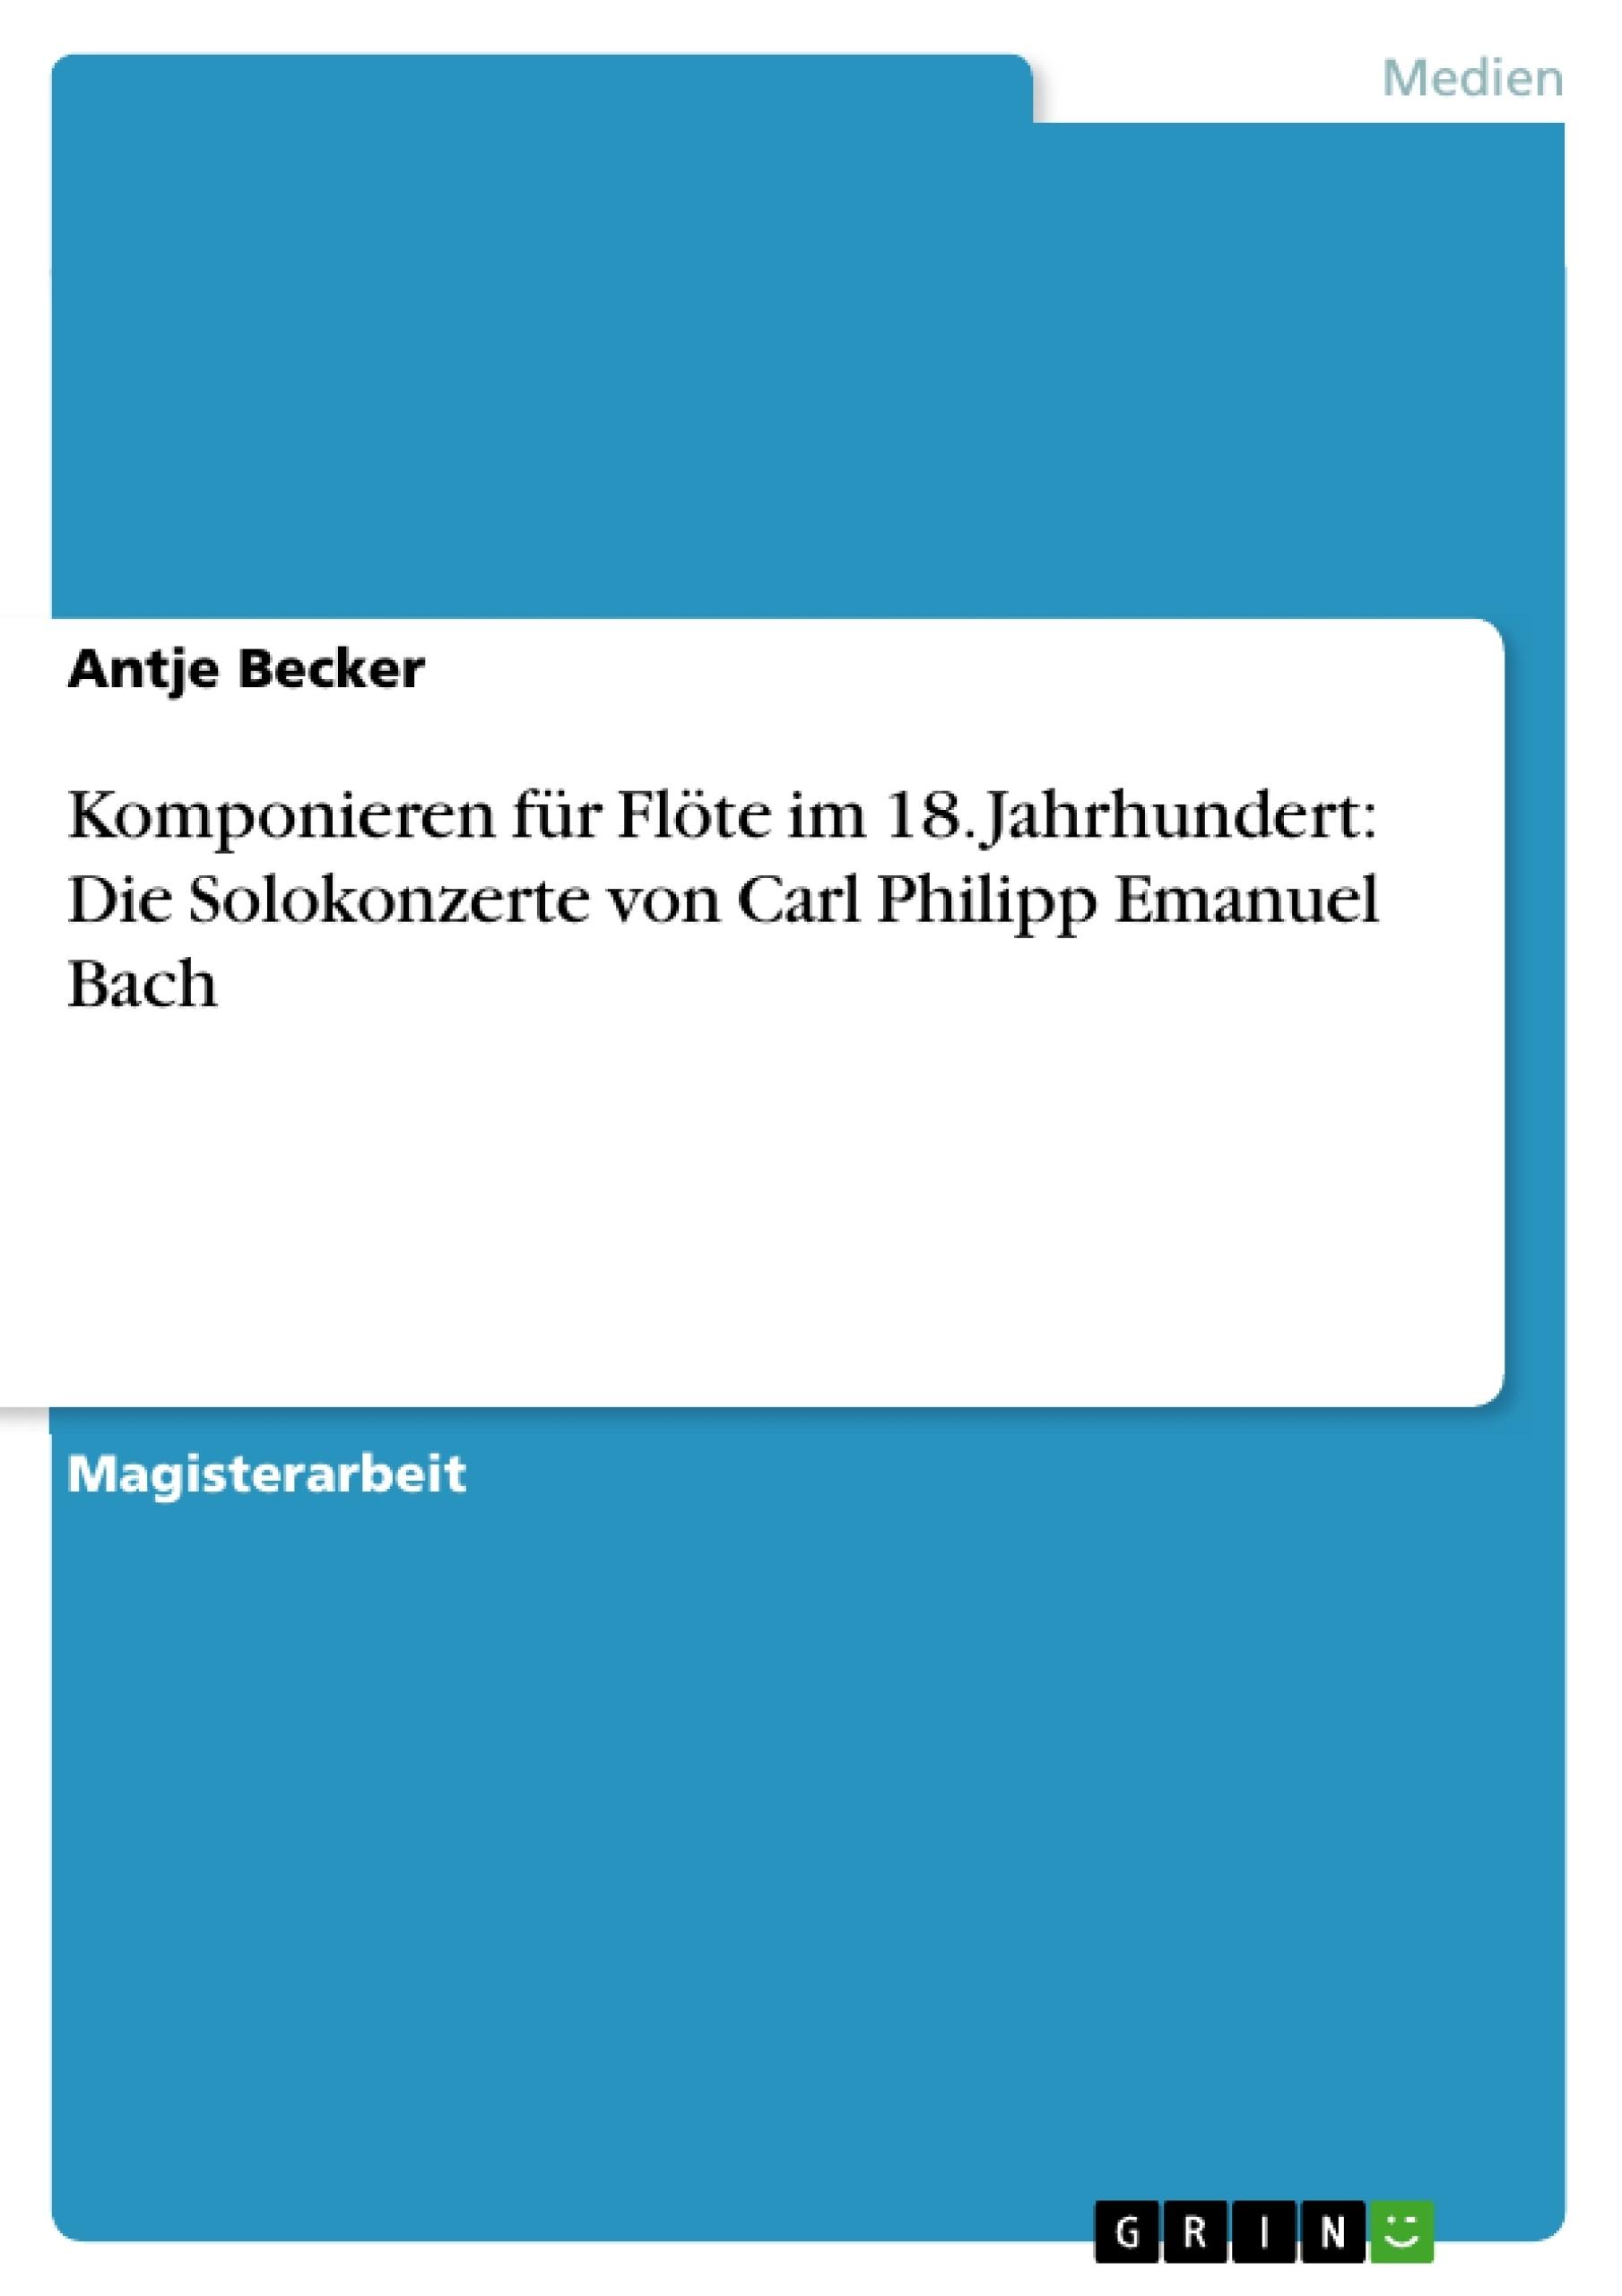 Titel: Komponieren für Flöte im 18. Jahrhundert: Die Solokonzerte von Carl Philipp Emanuel Bach